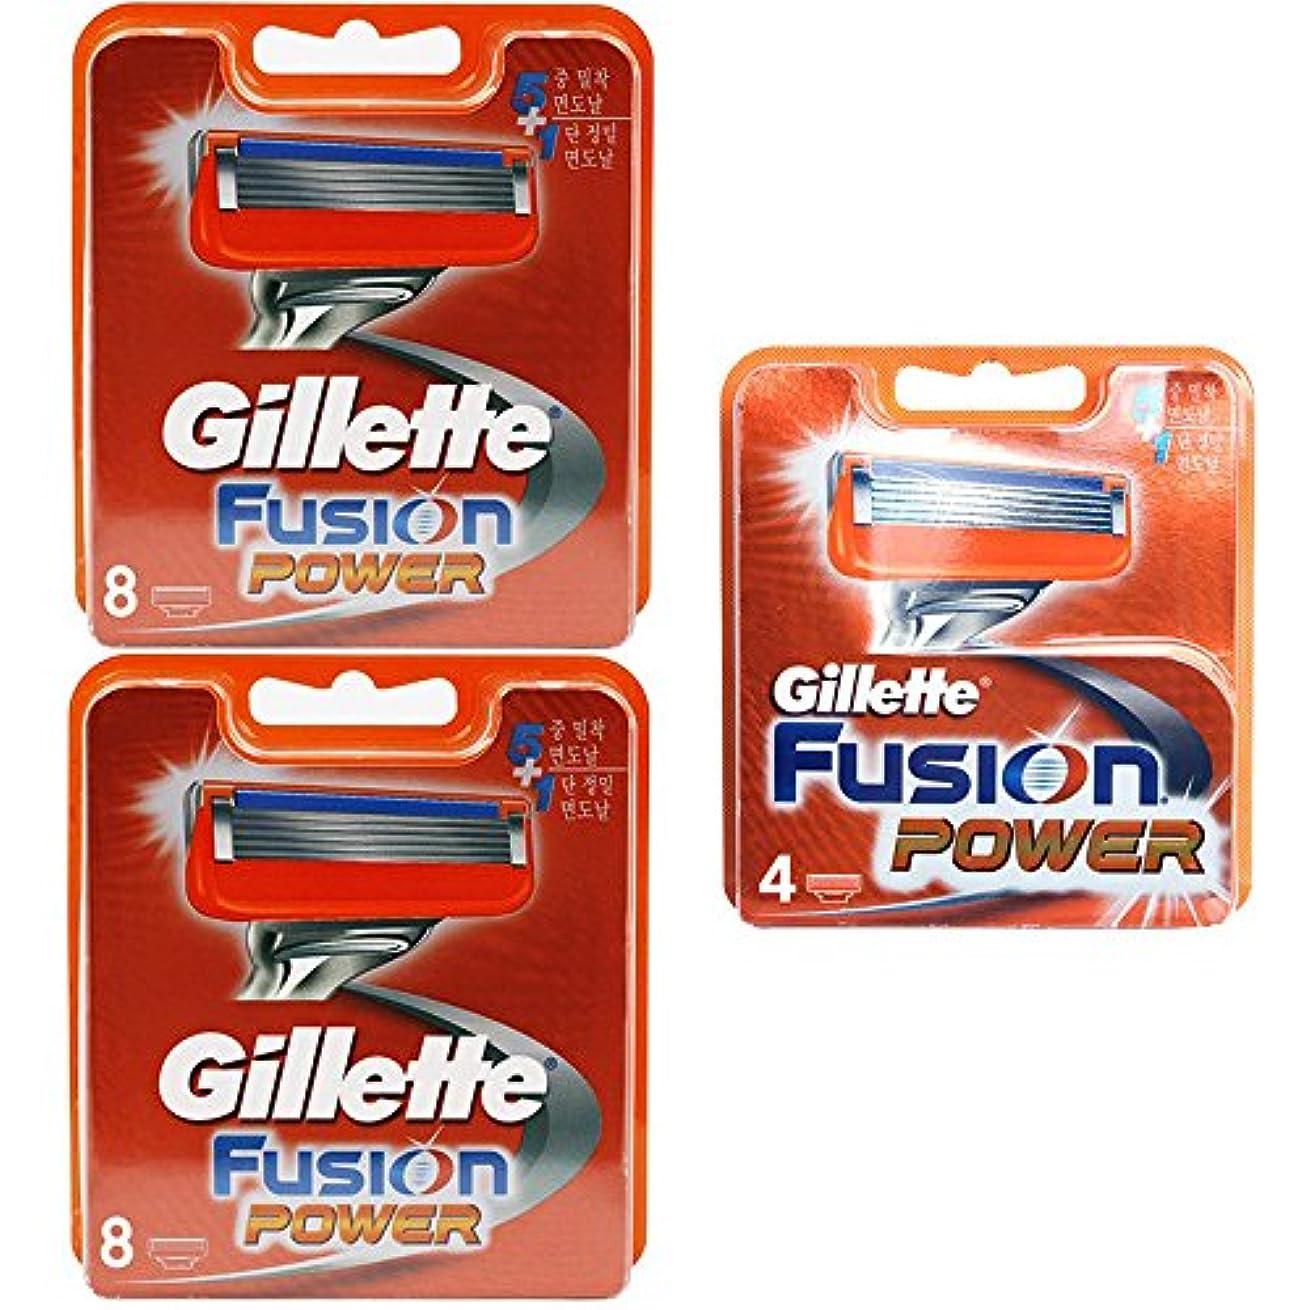 意見読者若者Gillette Fusion Power Blades Cartridges 本物のドイツ製 20 Pack [並行輸入品]